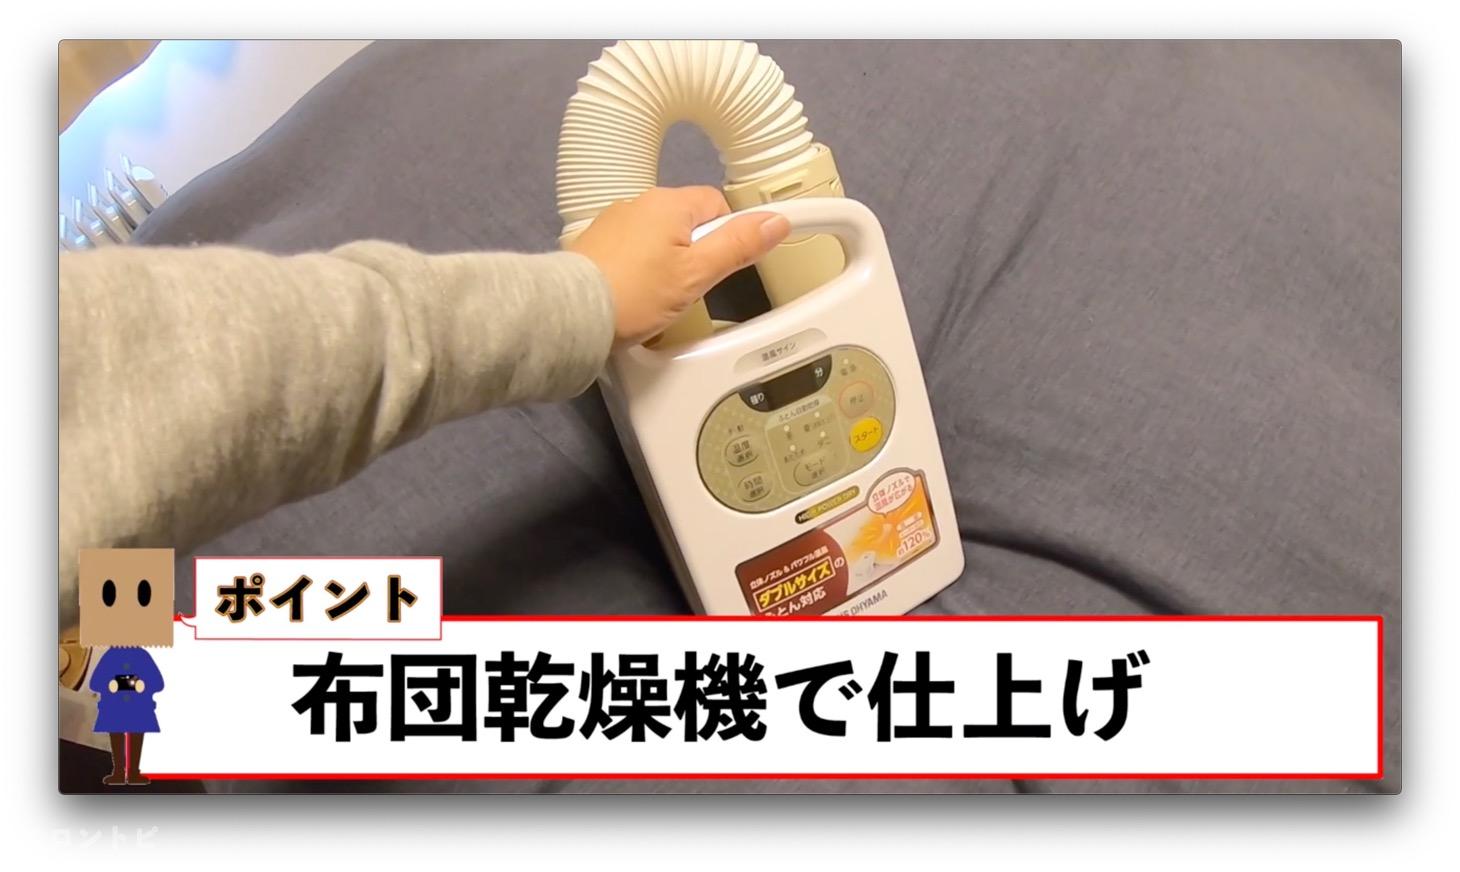 羽毛布団 洗濯 布団乾燥機